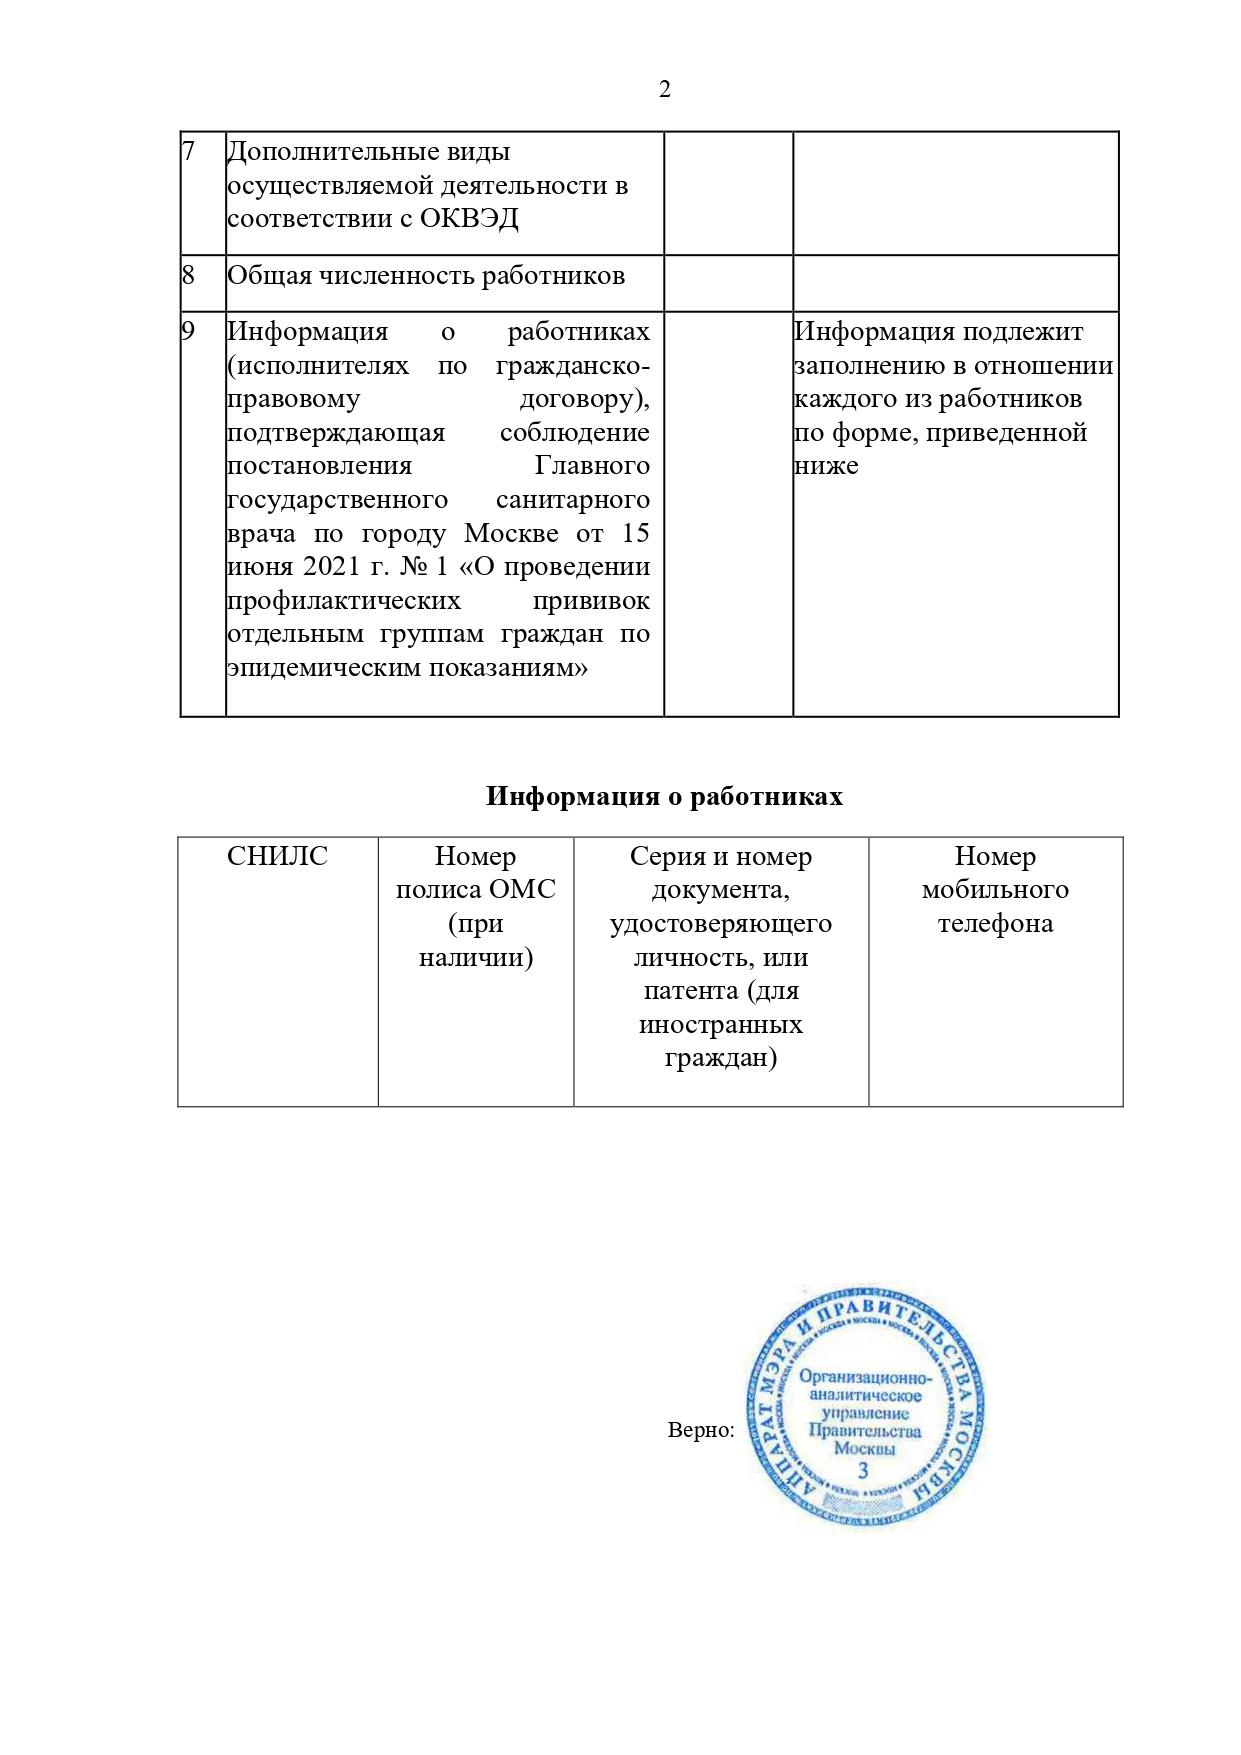 Форма сведений о вакцинированных (вакцинации) работников - Приложение 2 к указу Мэра Москвы от 16 июня 2021 г. № 32-УМ, от 8 июня 2020 г. № 68-УМ 2